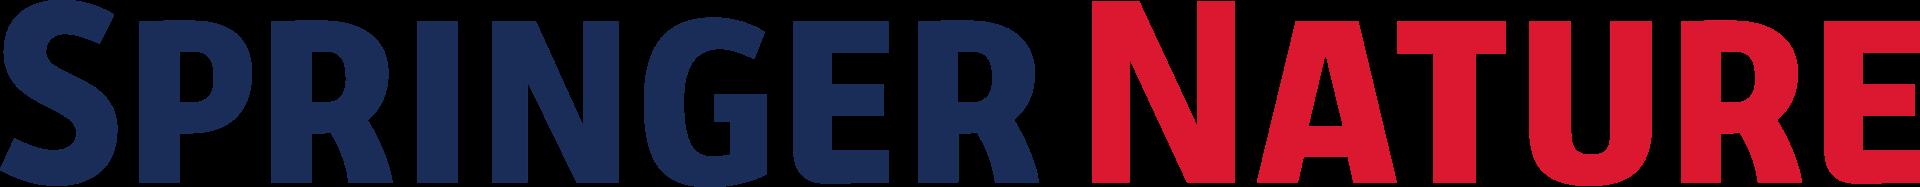 1920px-Springer_Nature_Logo.png